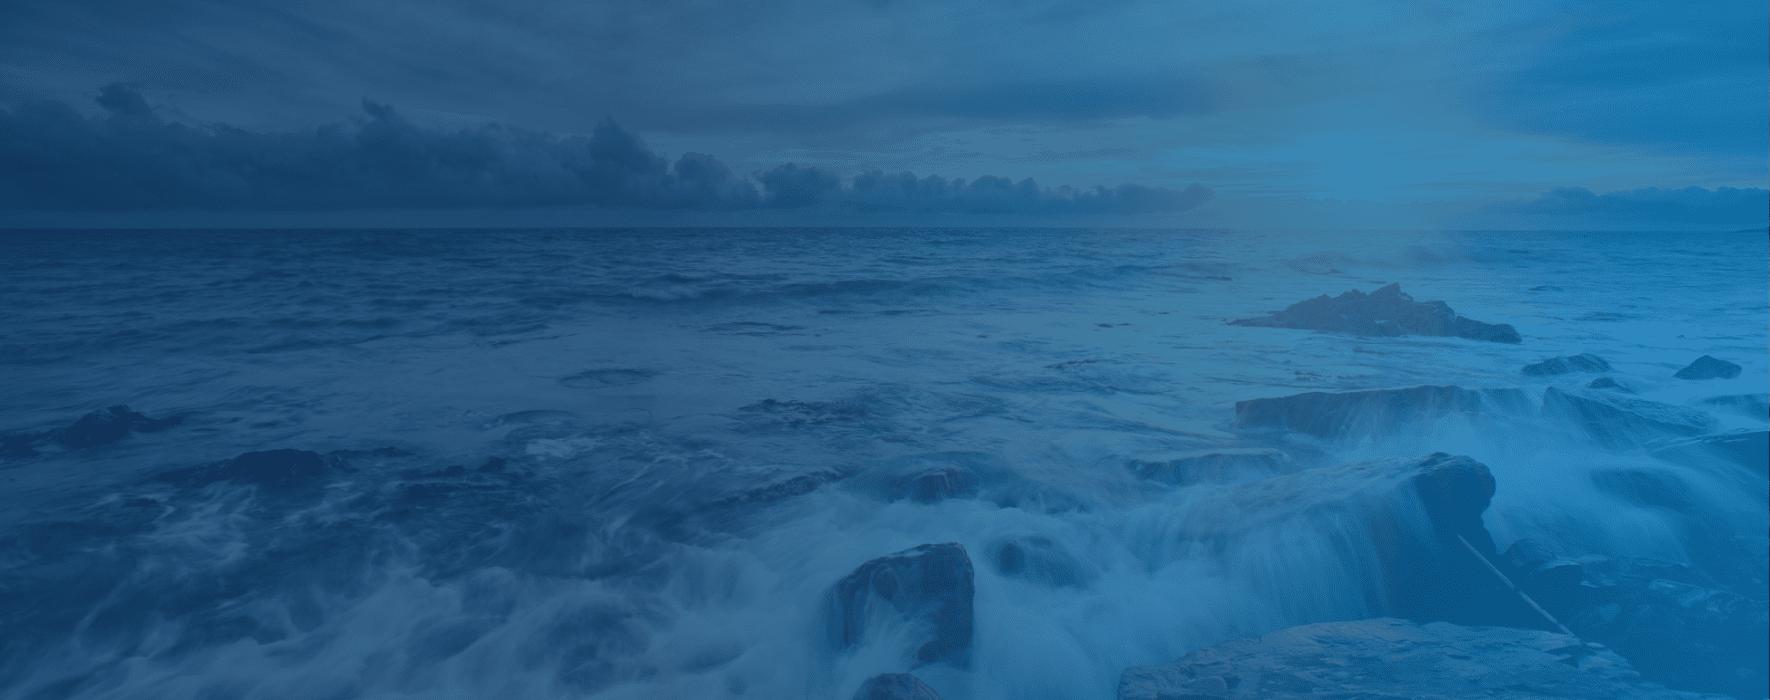 Wave crashing into a rocky shore